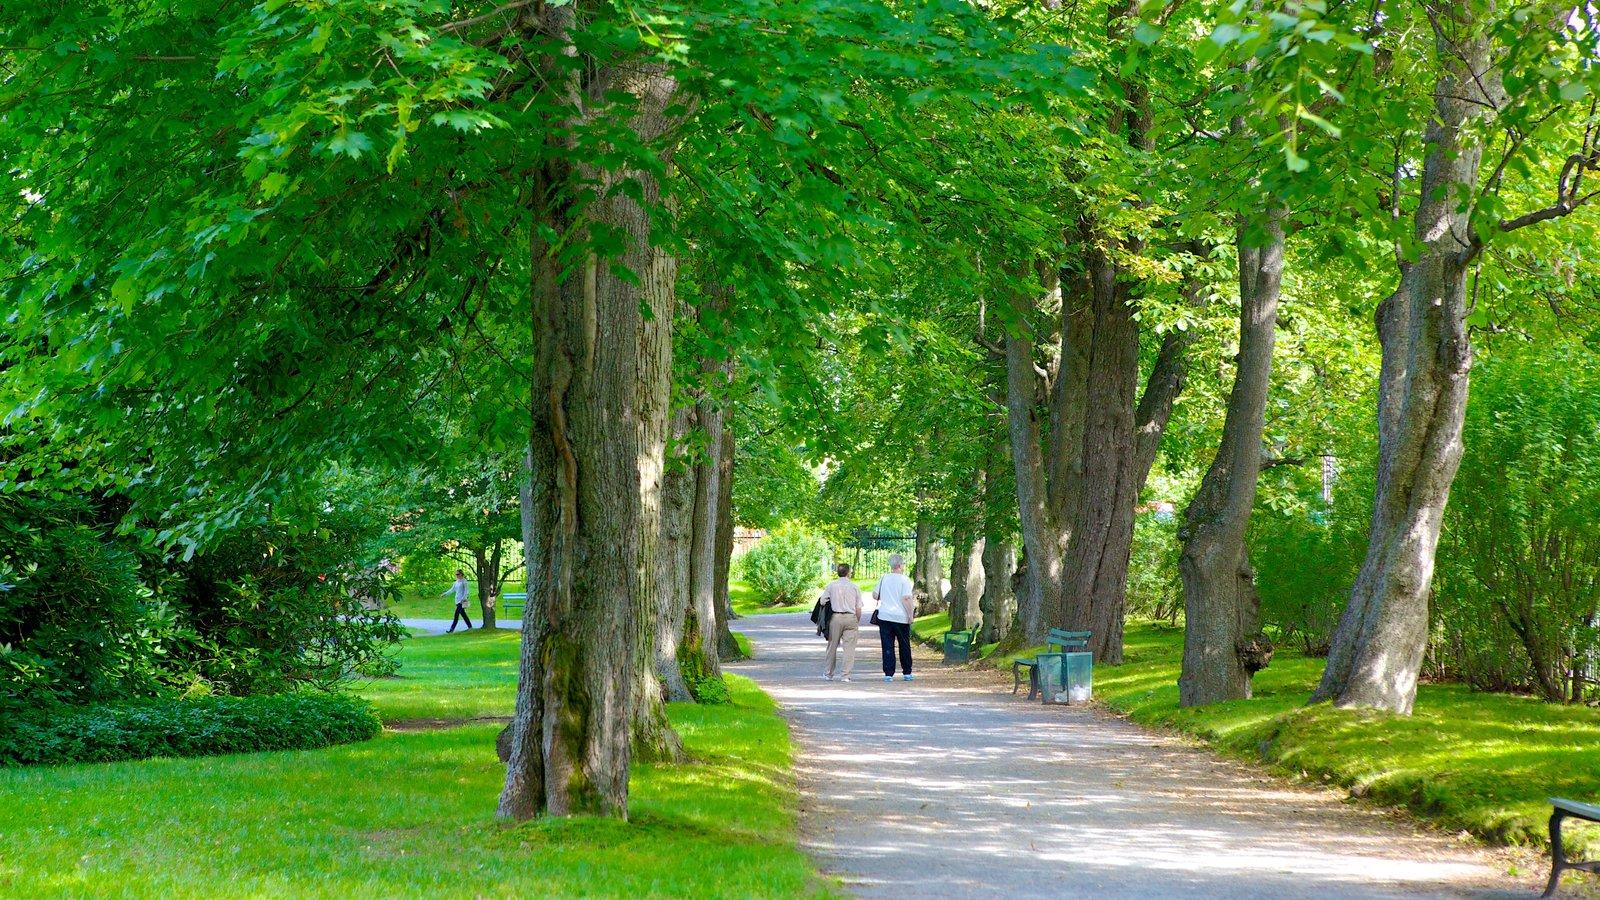 Jardines públicos Halifax ofreciendo un parque